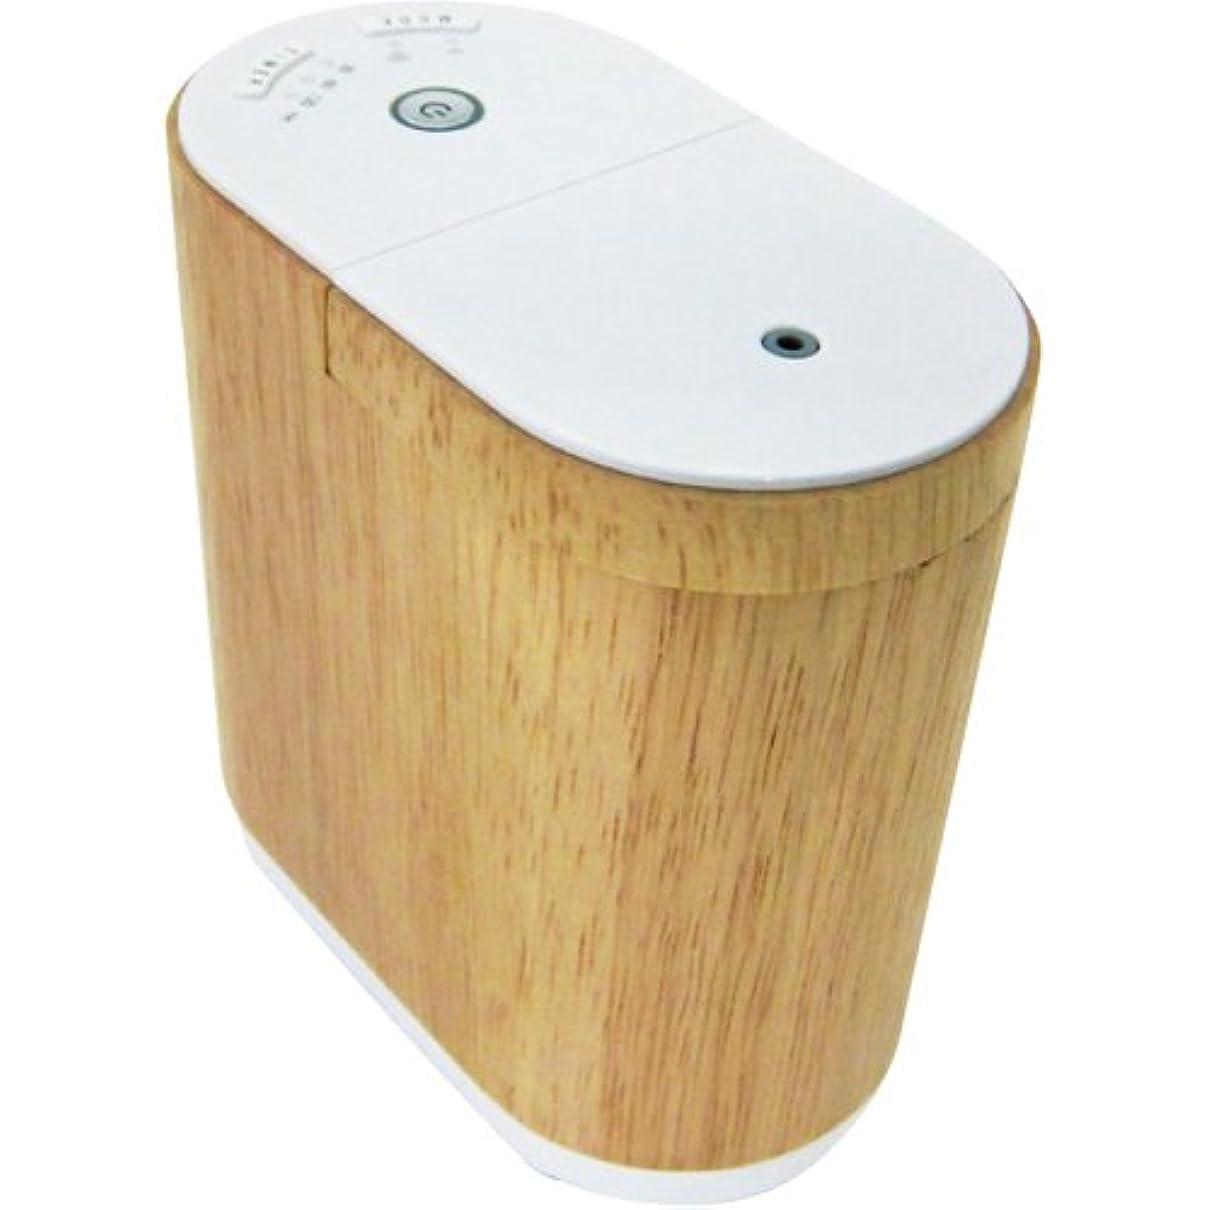 メドレー評価可能める生活の木 アロマディフューザー(ウッド)エッセンシャルオイルディフューザー aromore(アロモア) 08-801-6010